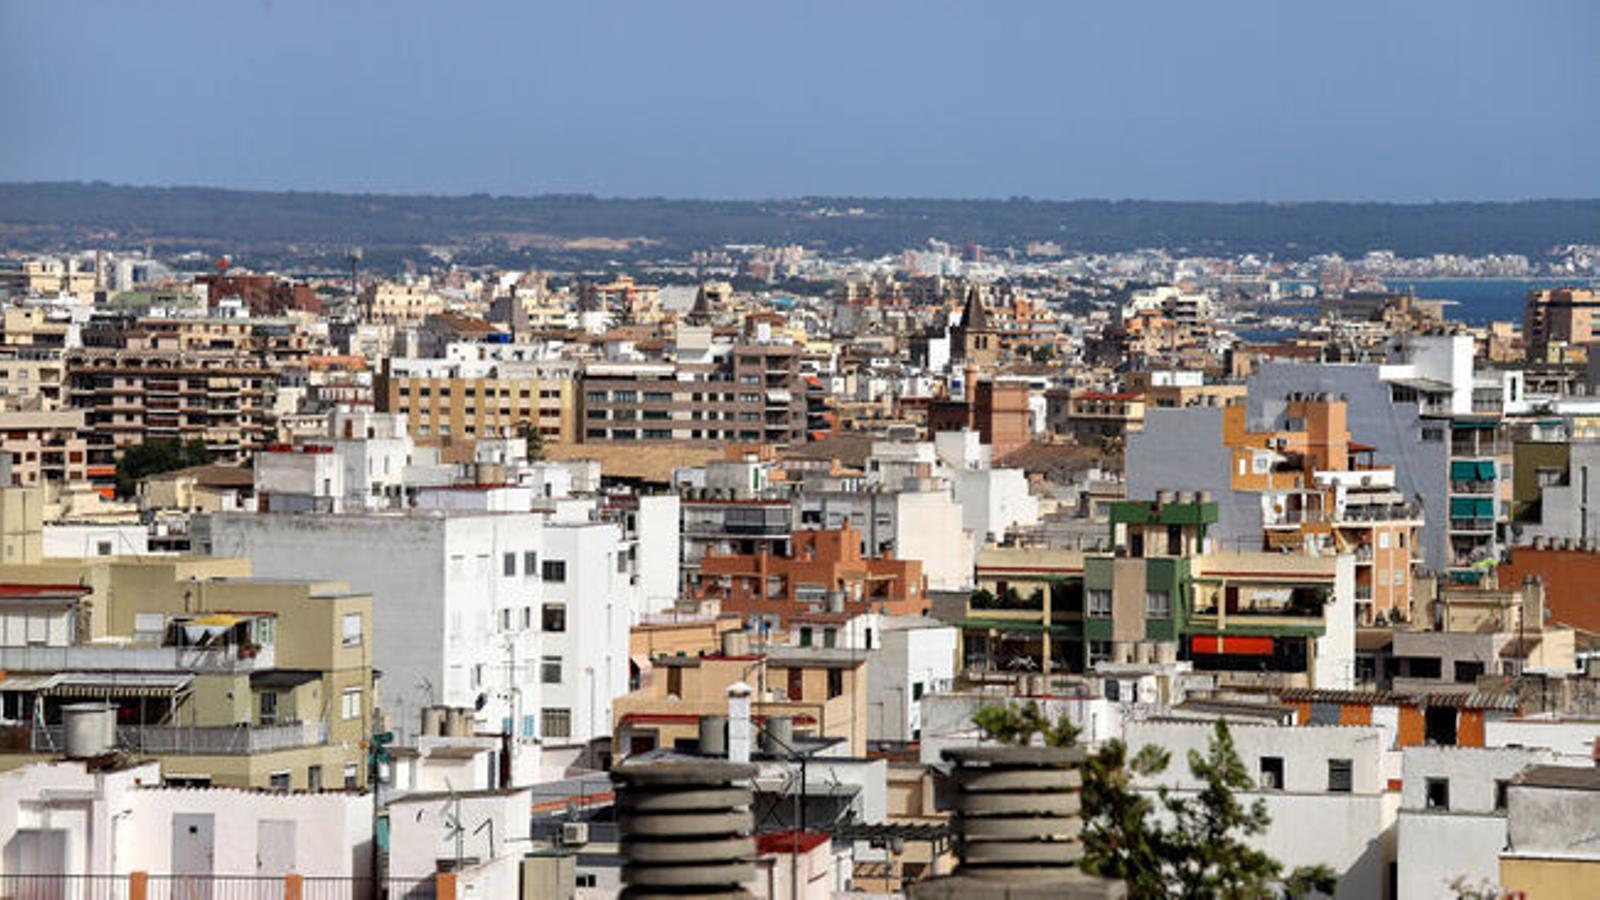 La rendibilitat de l'habitatge a Espanya va arribar al 6,8% el 2020.